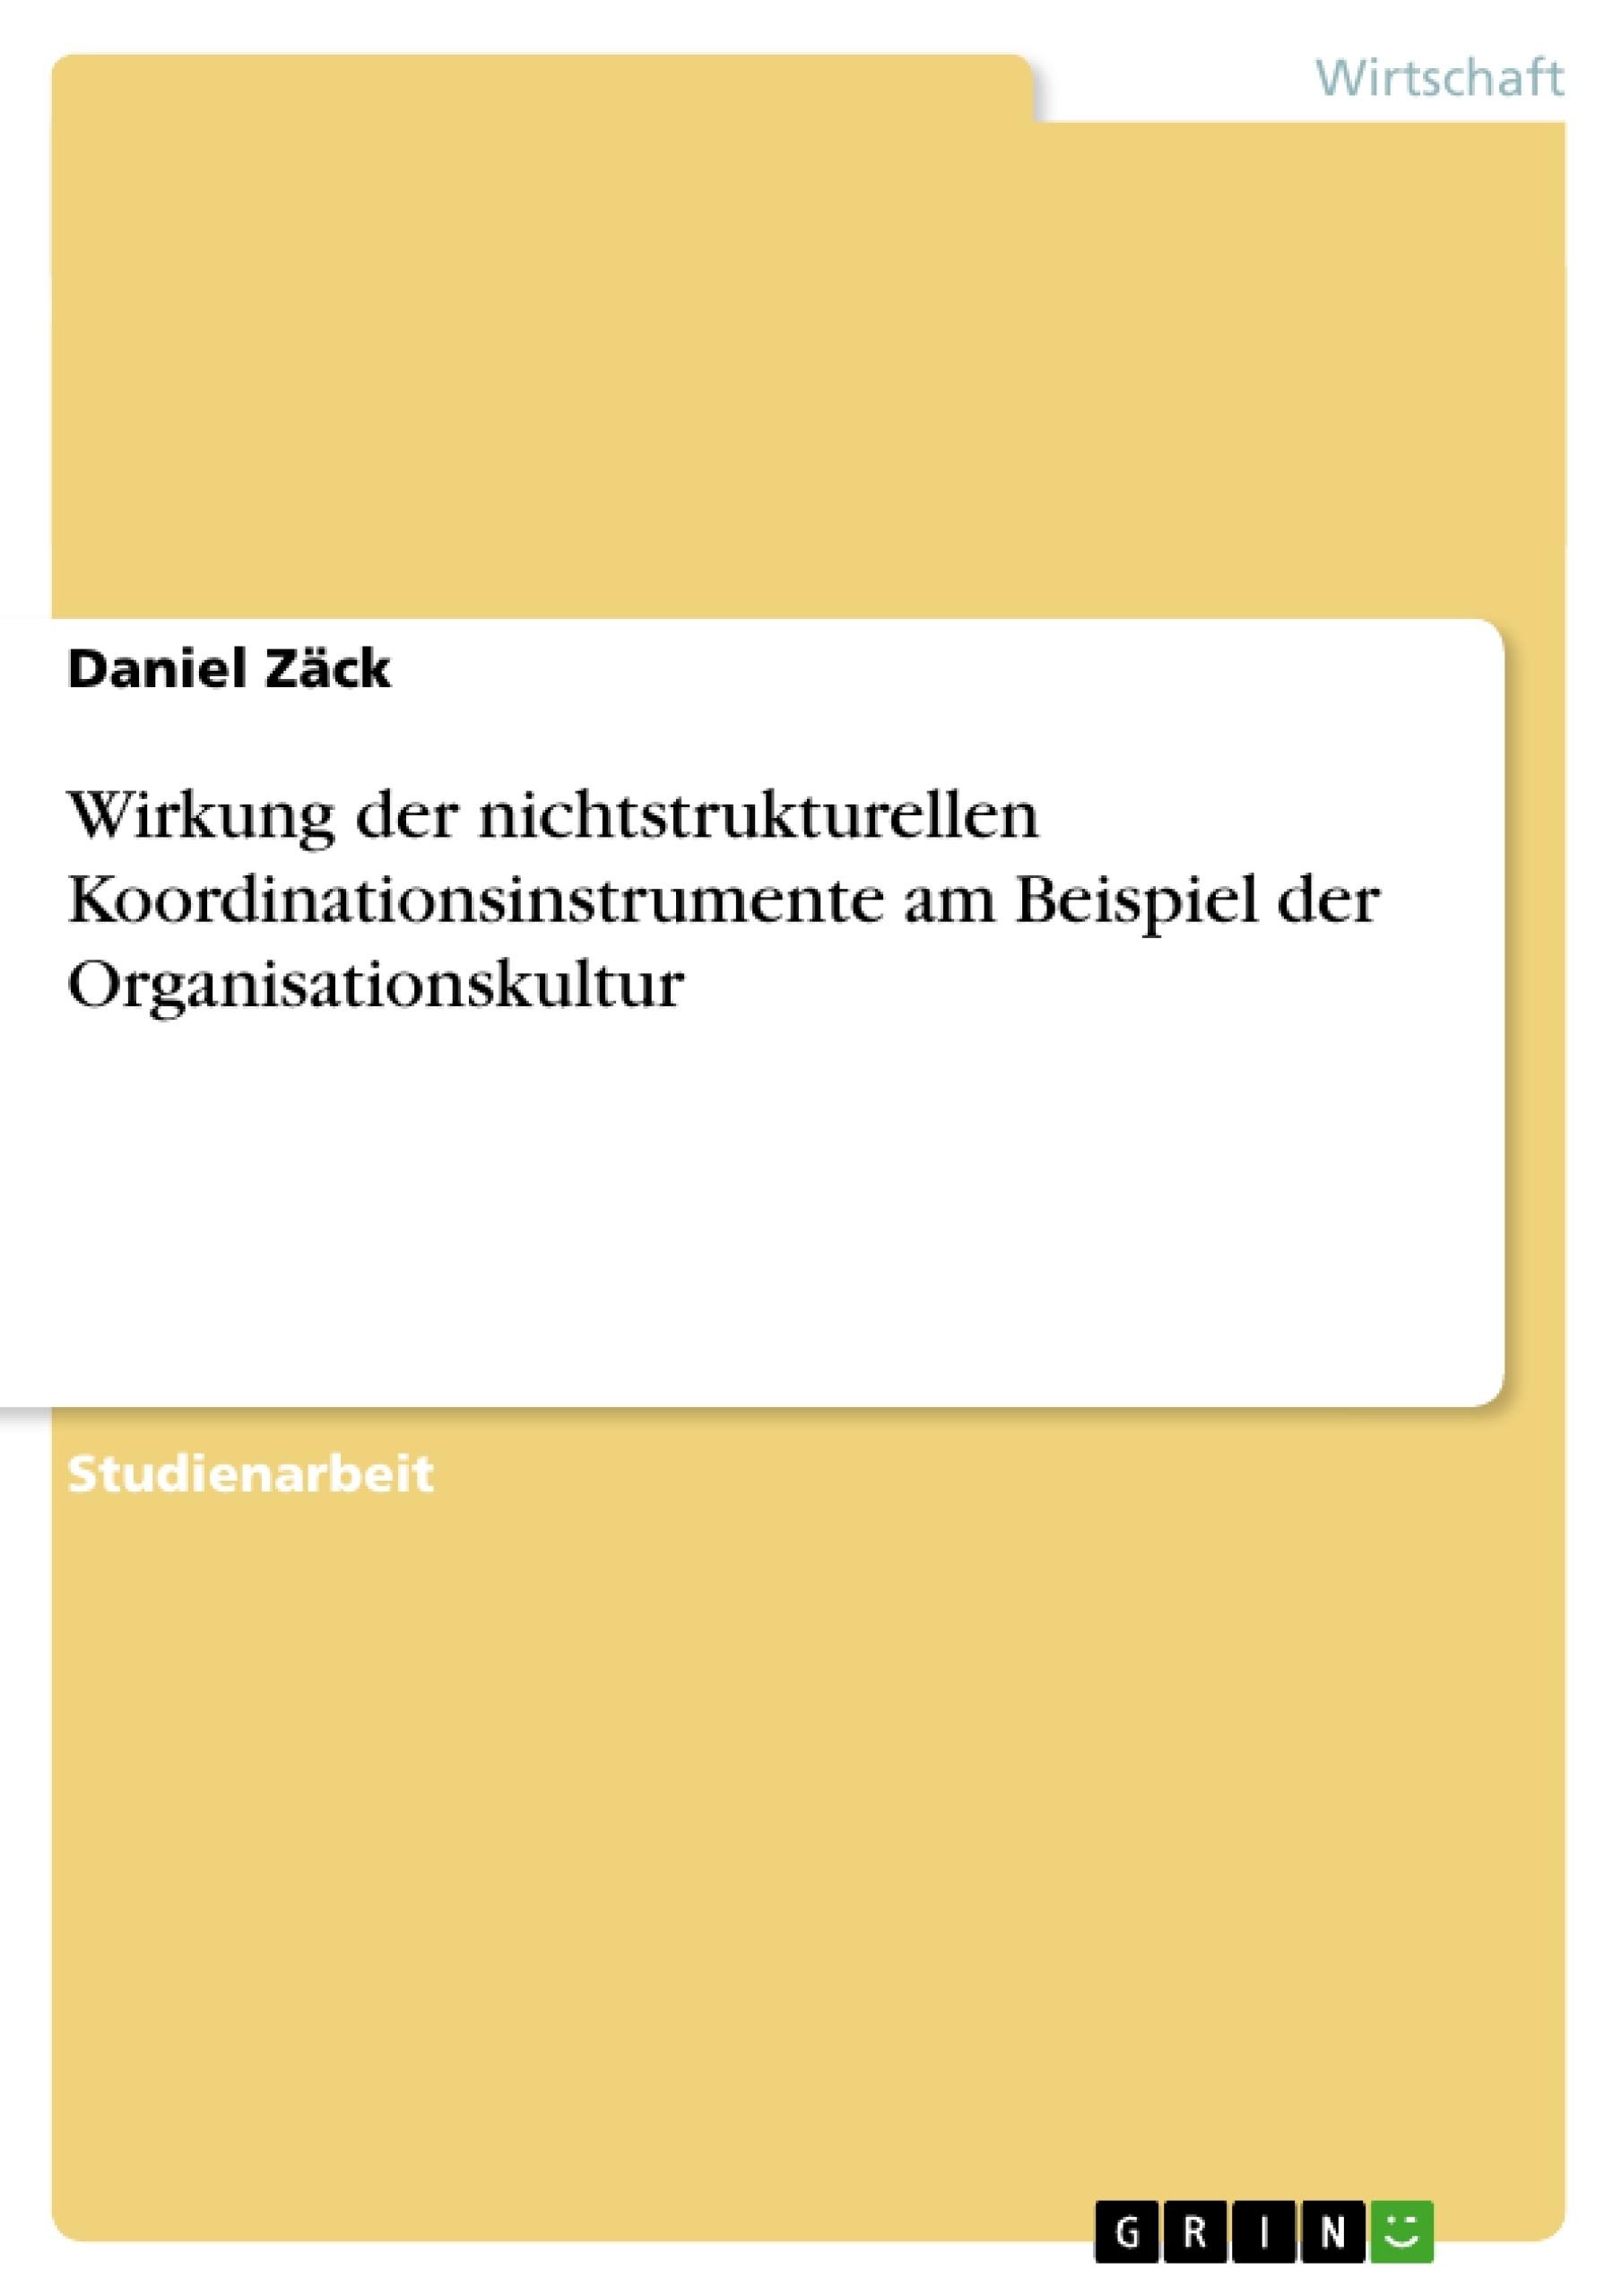 Titel: Wirkung der nichtstrukturellen Koordinationsinstrumente am Beispiel der Organisationskultur